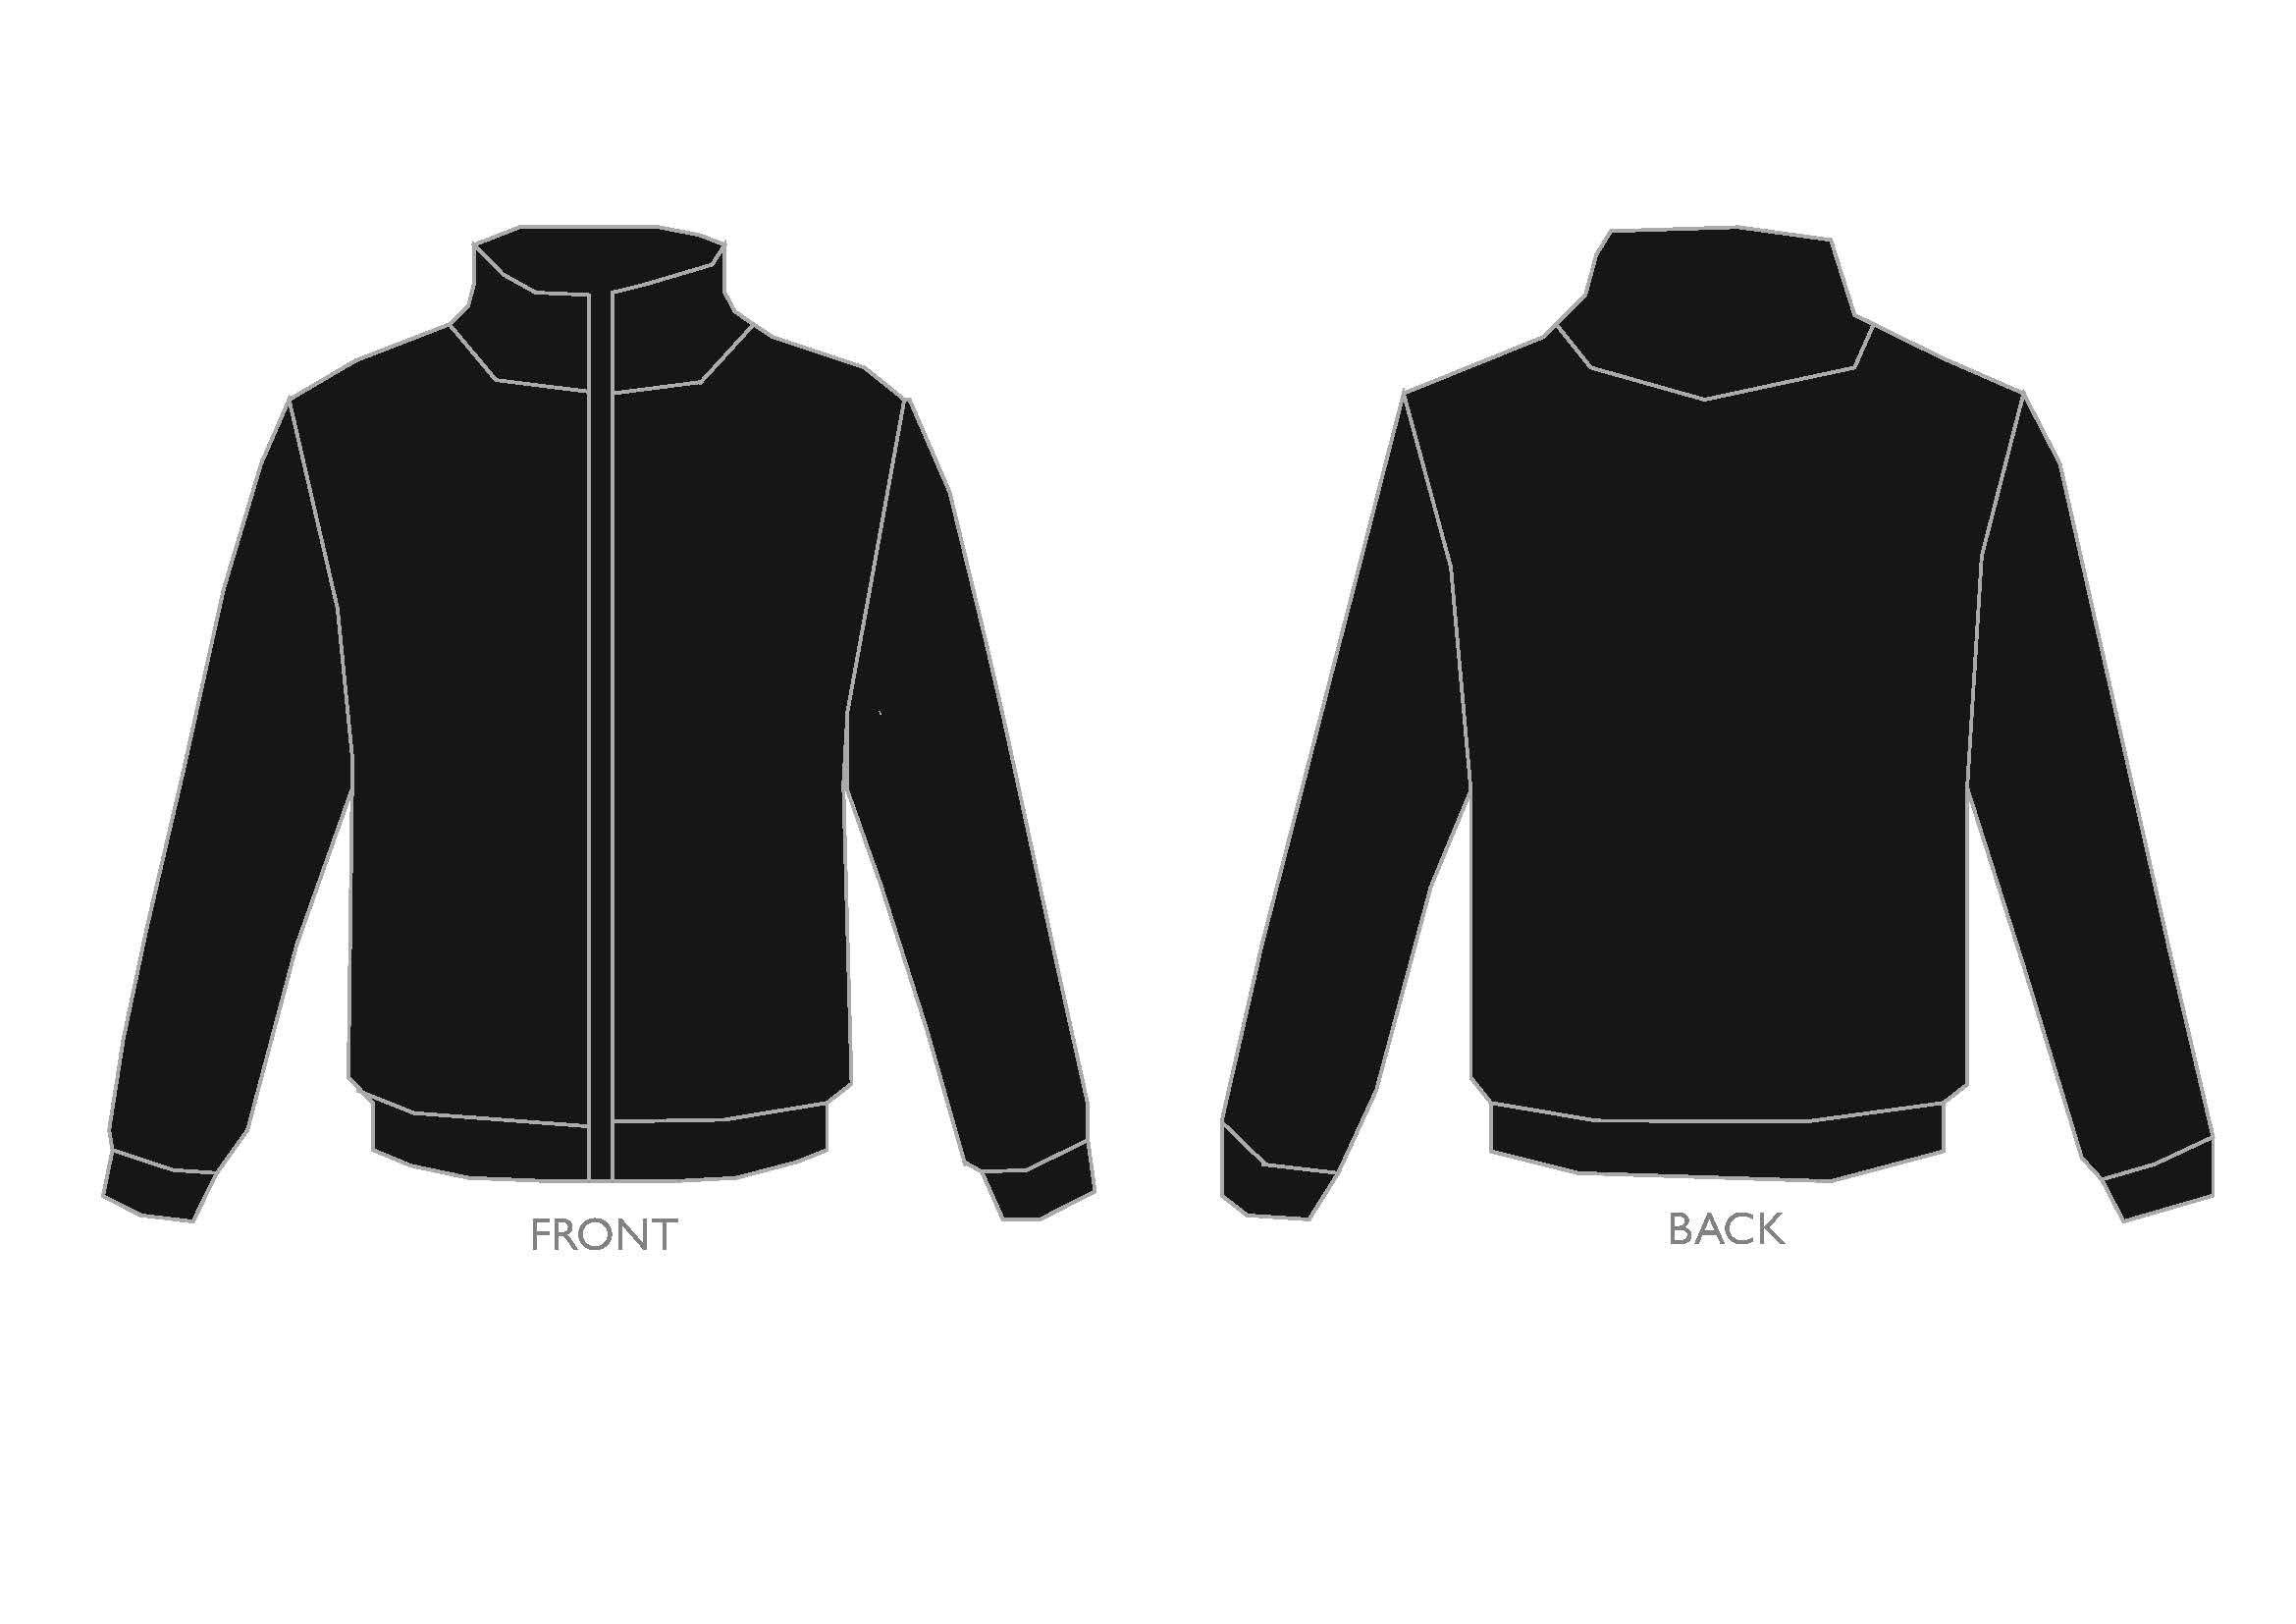 Kustom Clothing Soft Shell Jacket Artwork Template 2016 Soft Shell Jacket Shell Jacket Clothes [ 1654 x 2339 Pixel ]